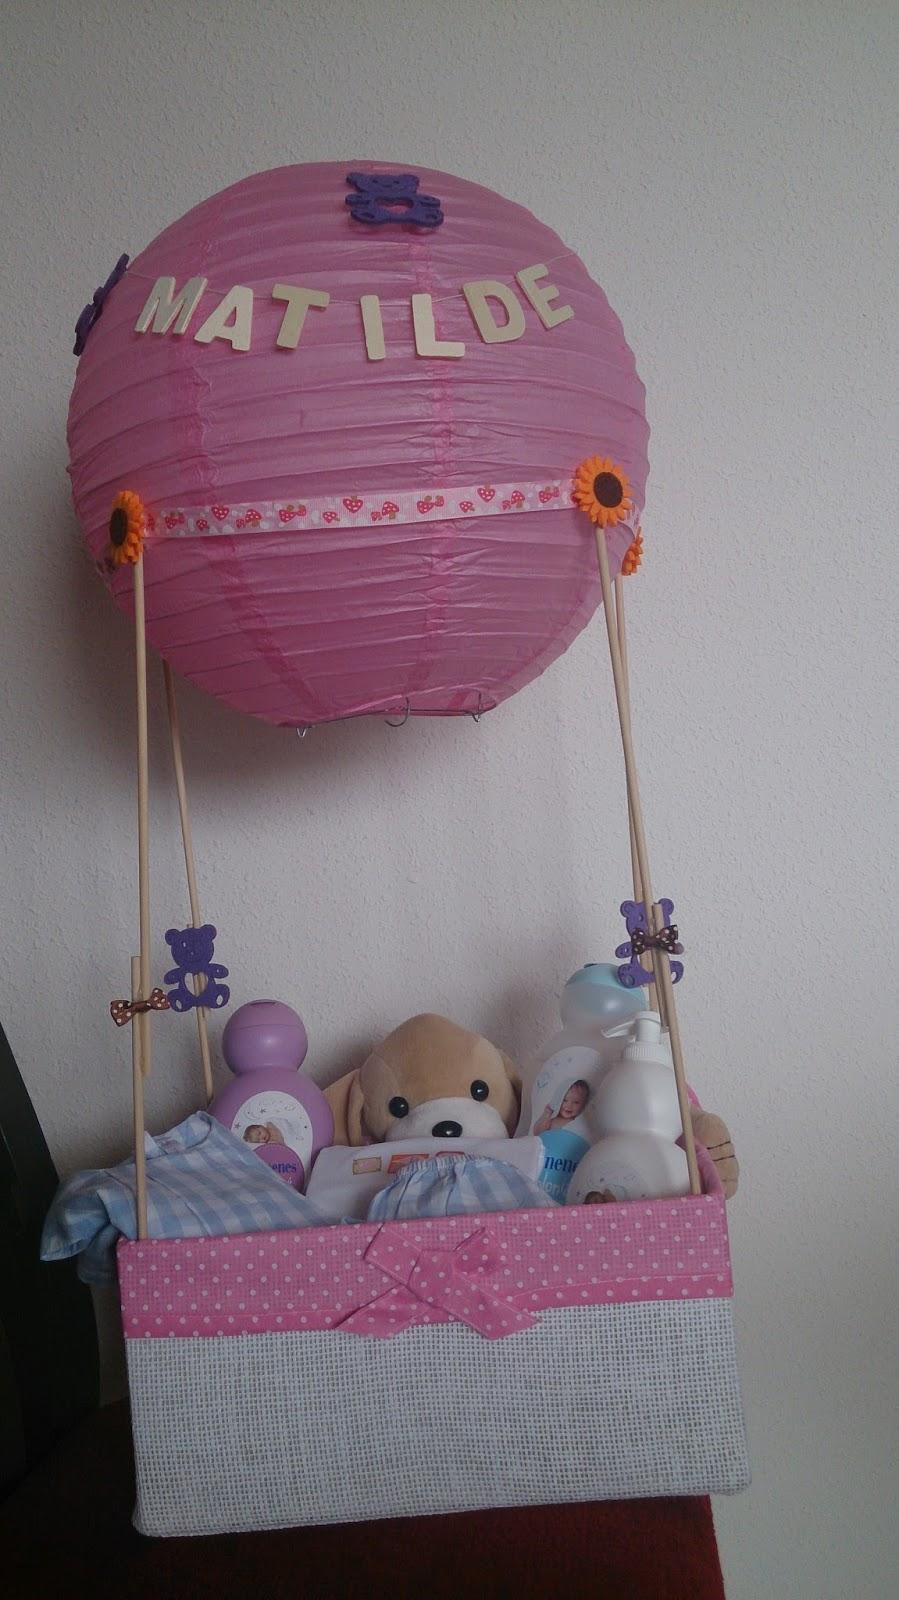 Regalos originales y pr cticos para beb s y toda la familia hechos a mano globo aerost tico - Regalos originales para la casa ...